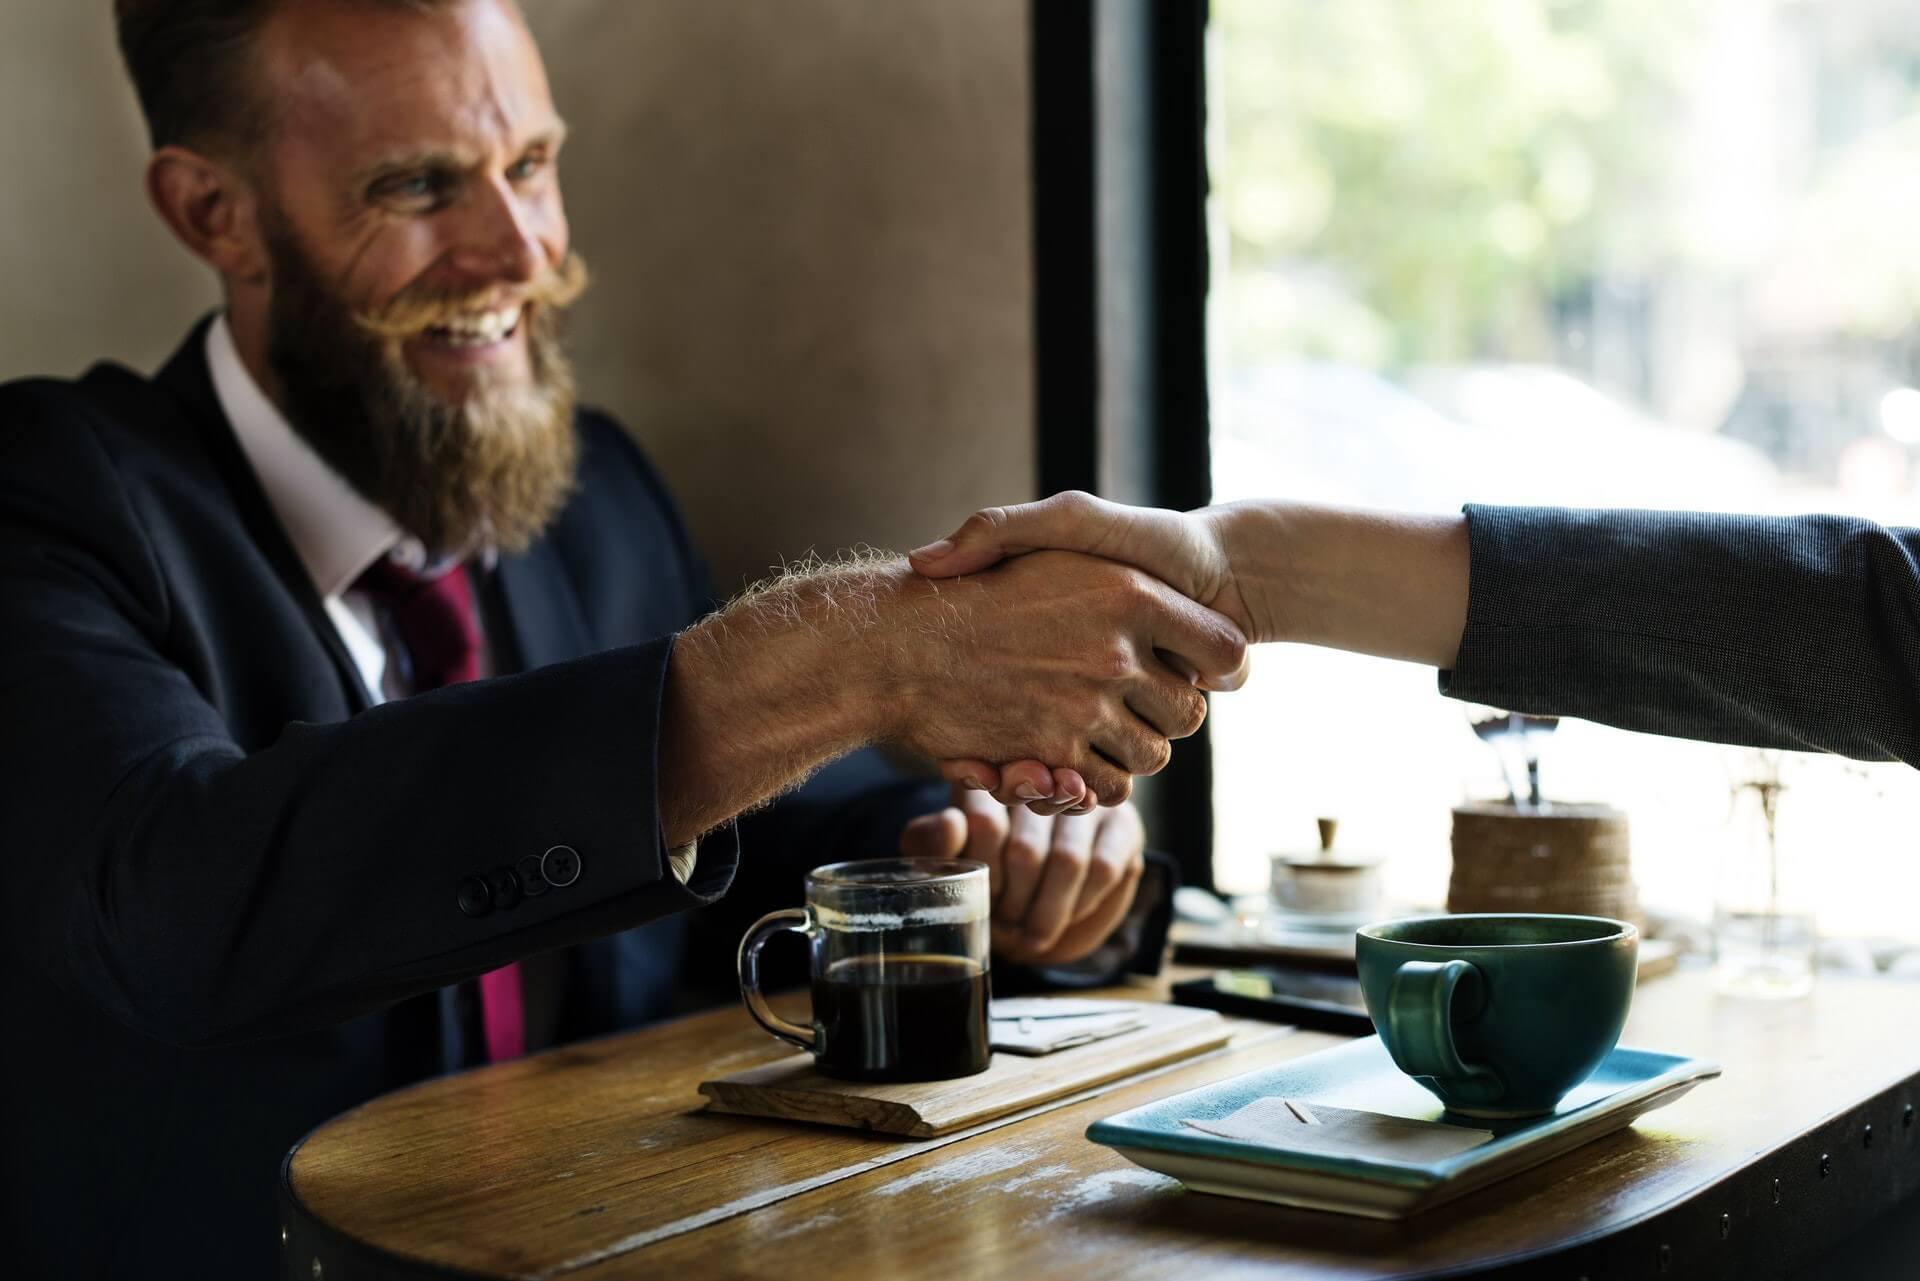 Hombre con barba haciendo una entrevista